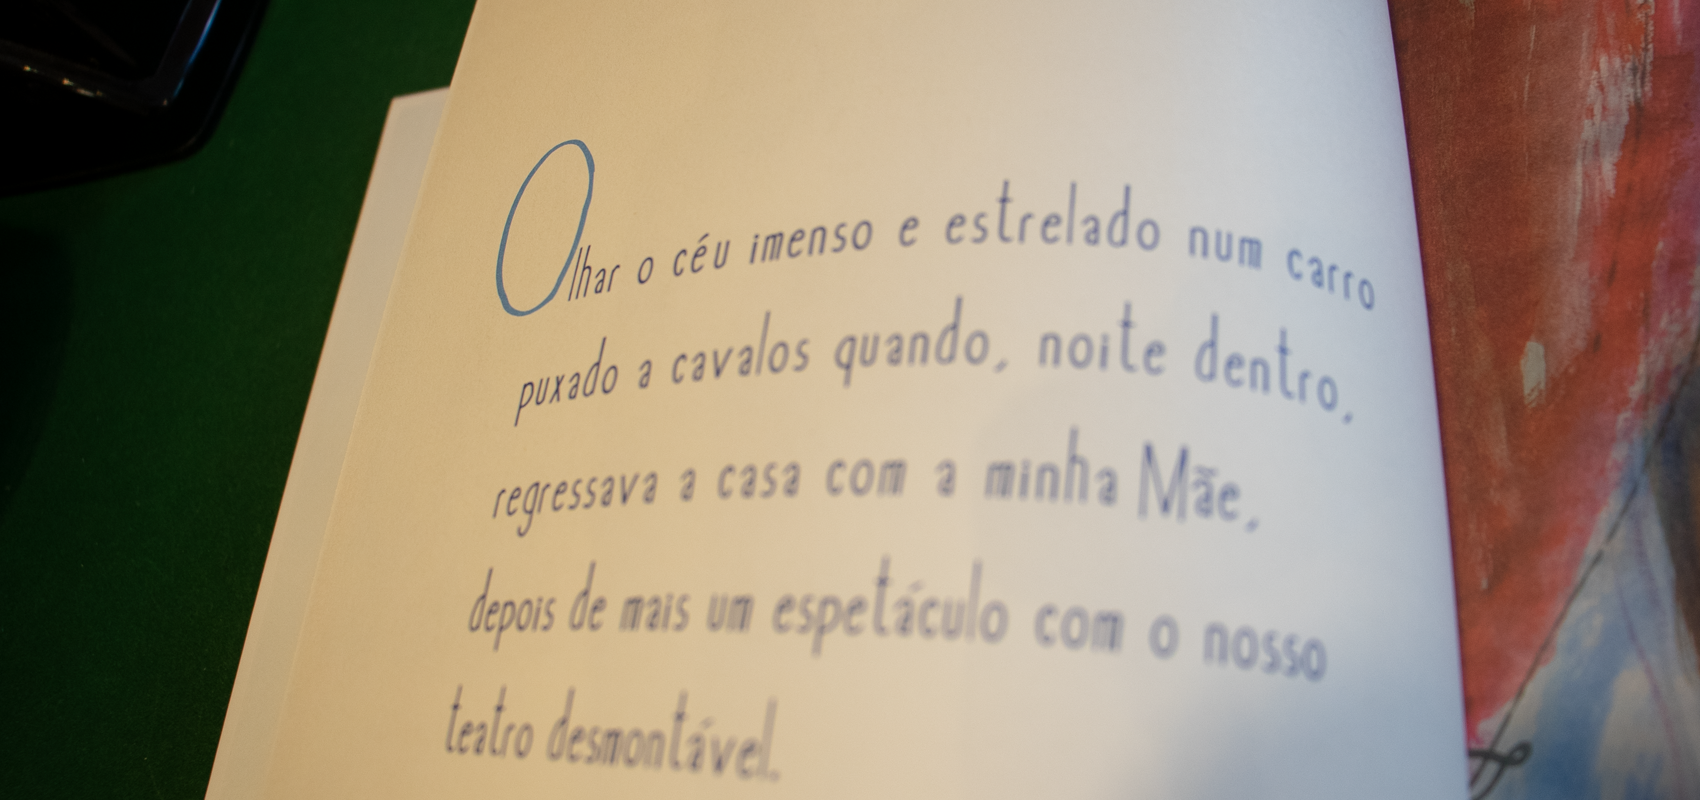 hora-do-conto_livro